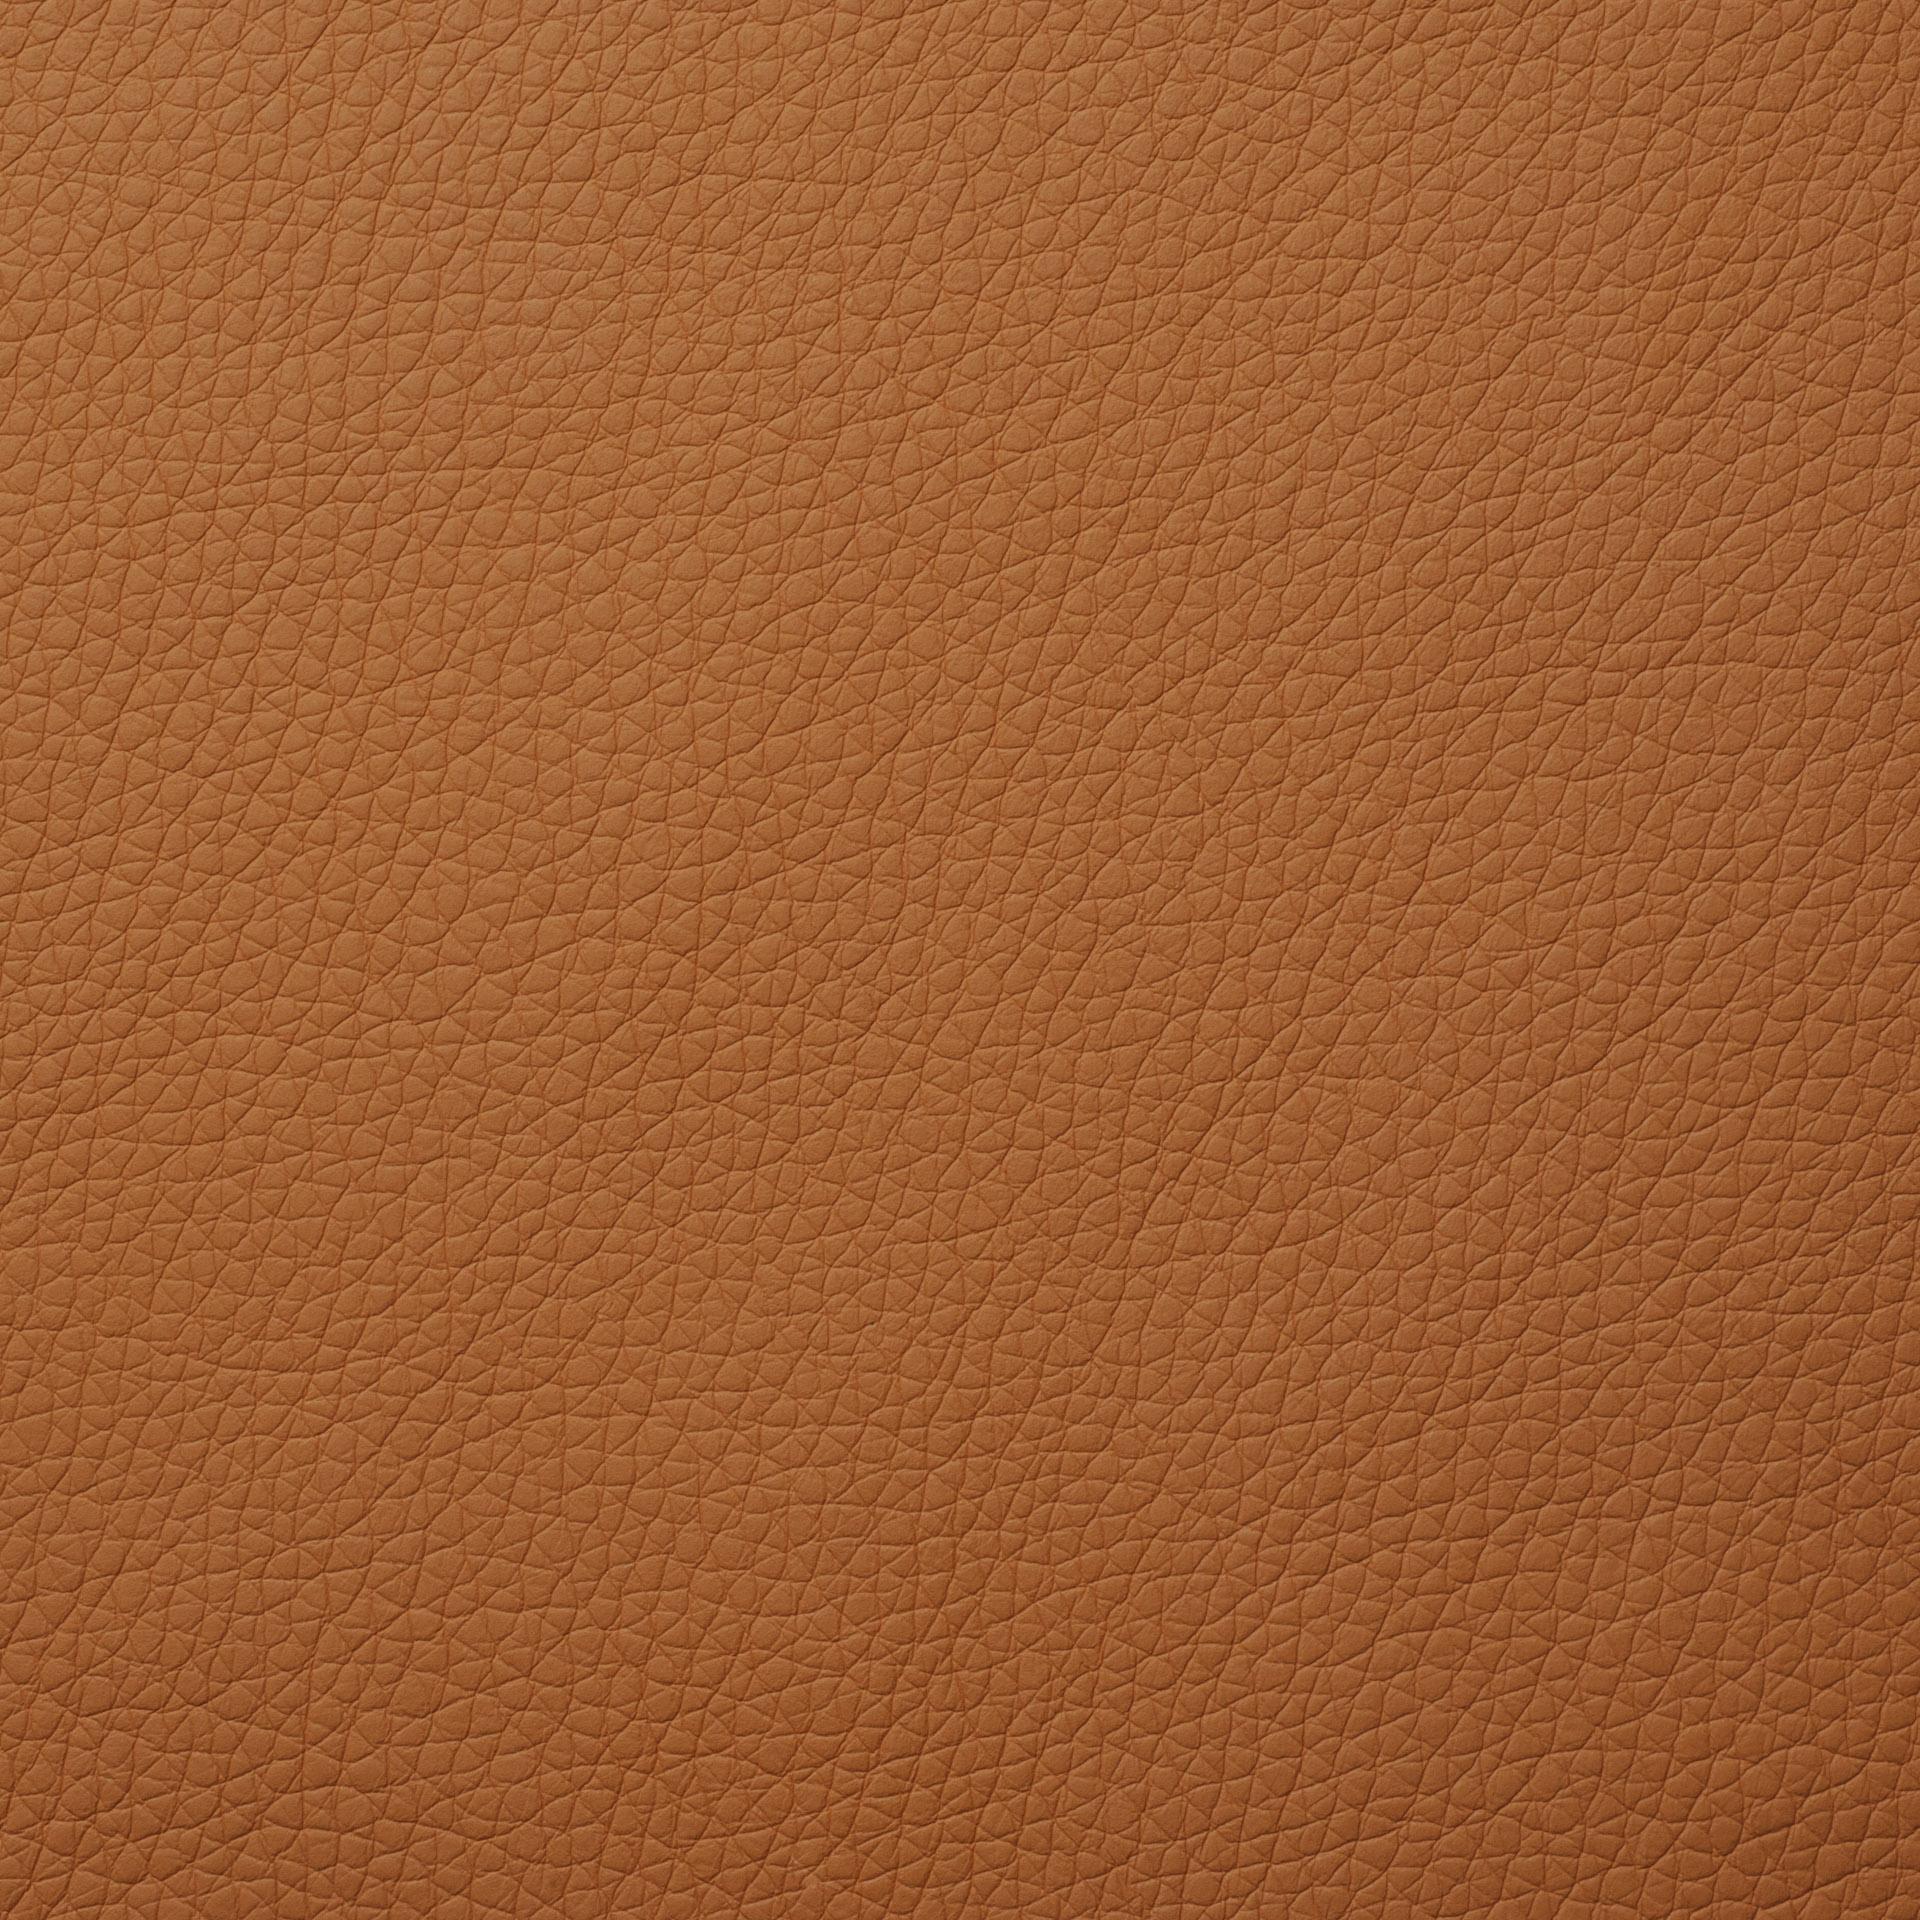 Коллекция ткани Флай 2205,  купить ткань Кож зам для мебели Украина